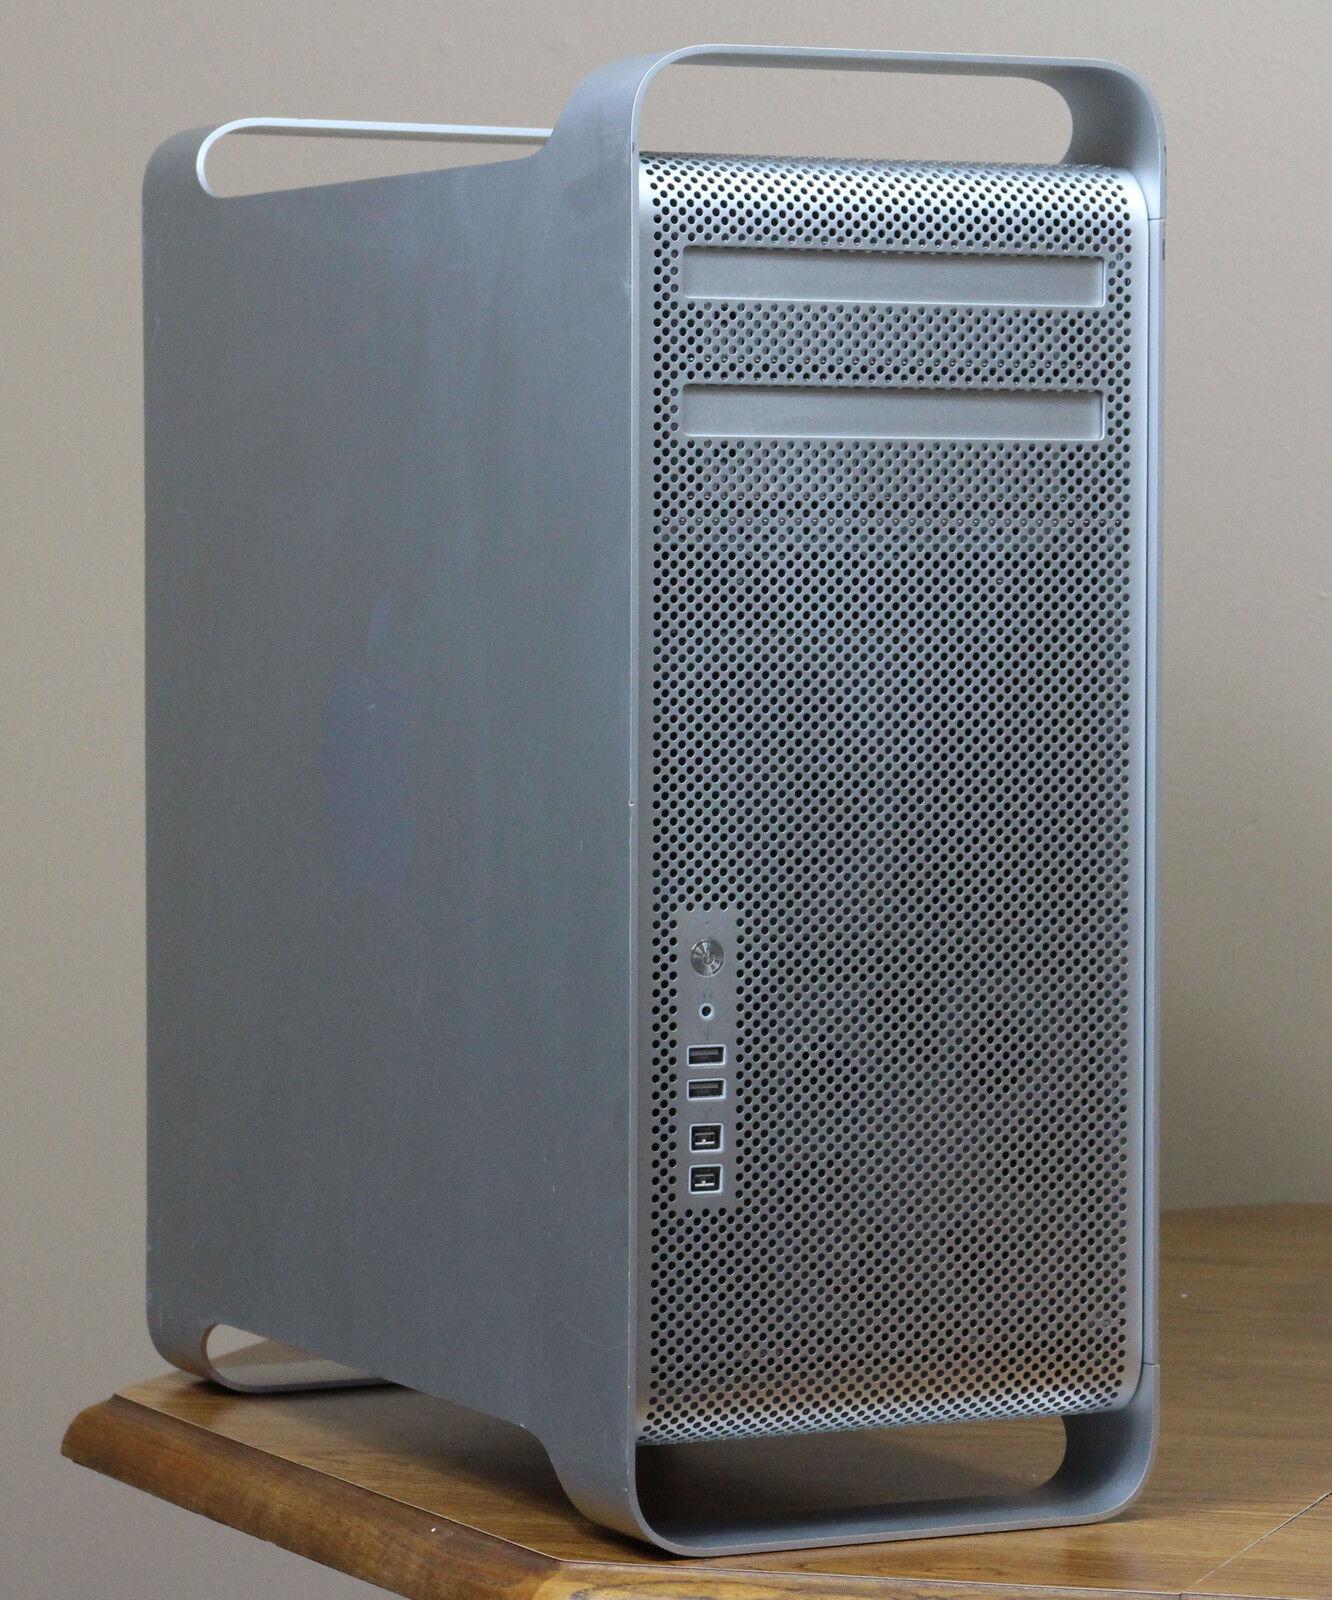 12-Core Mac Pro 5,1 2.93GHz Westmere, 64GB RAM, 3TB, GT120, WiFi Sierra WARRANTY